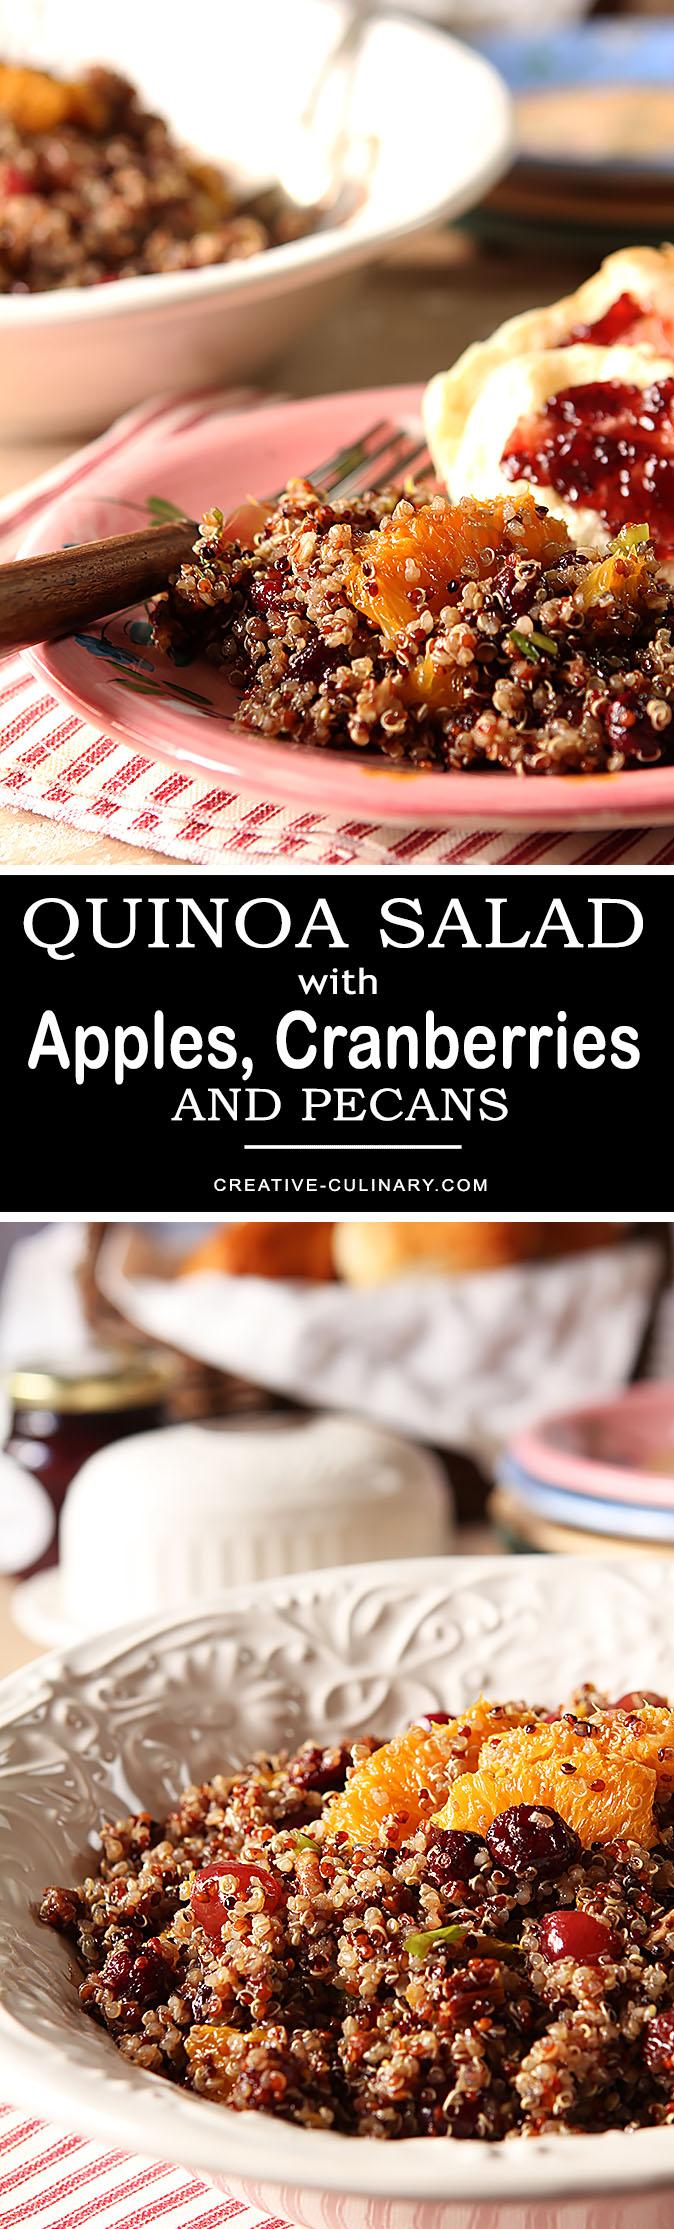 Quinoa Salad with Oranges, Cranberries and Pecans